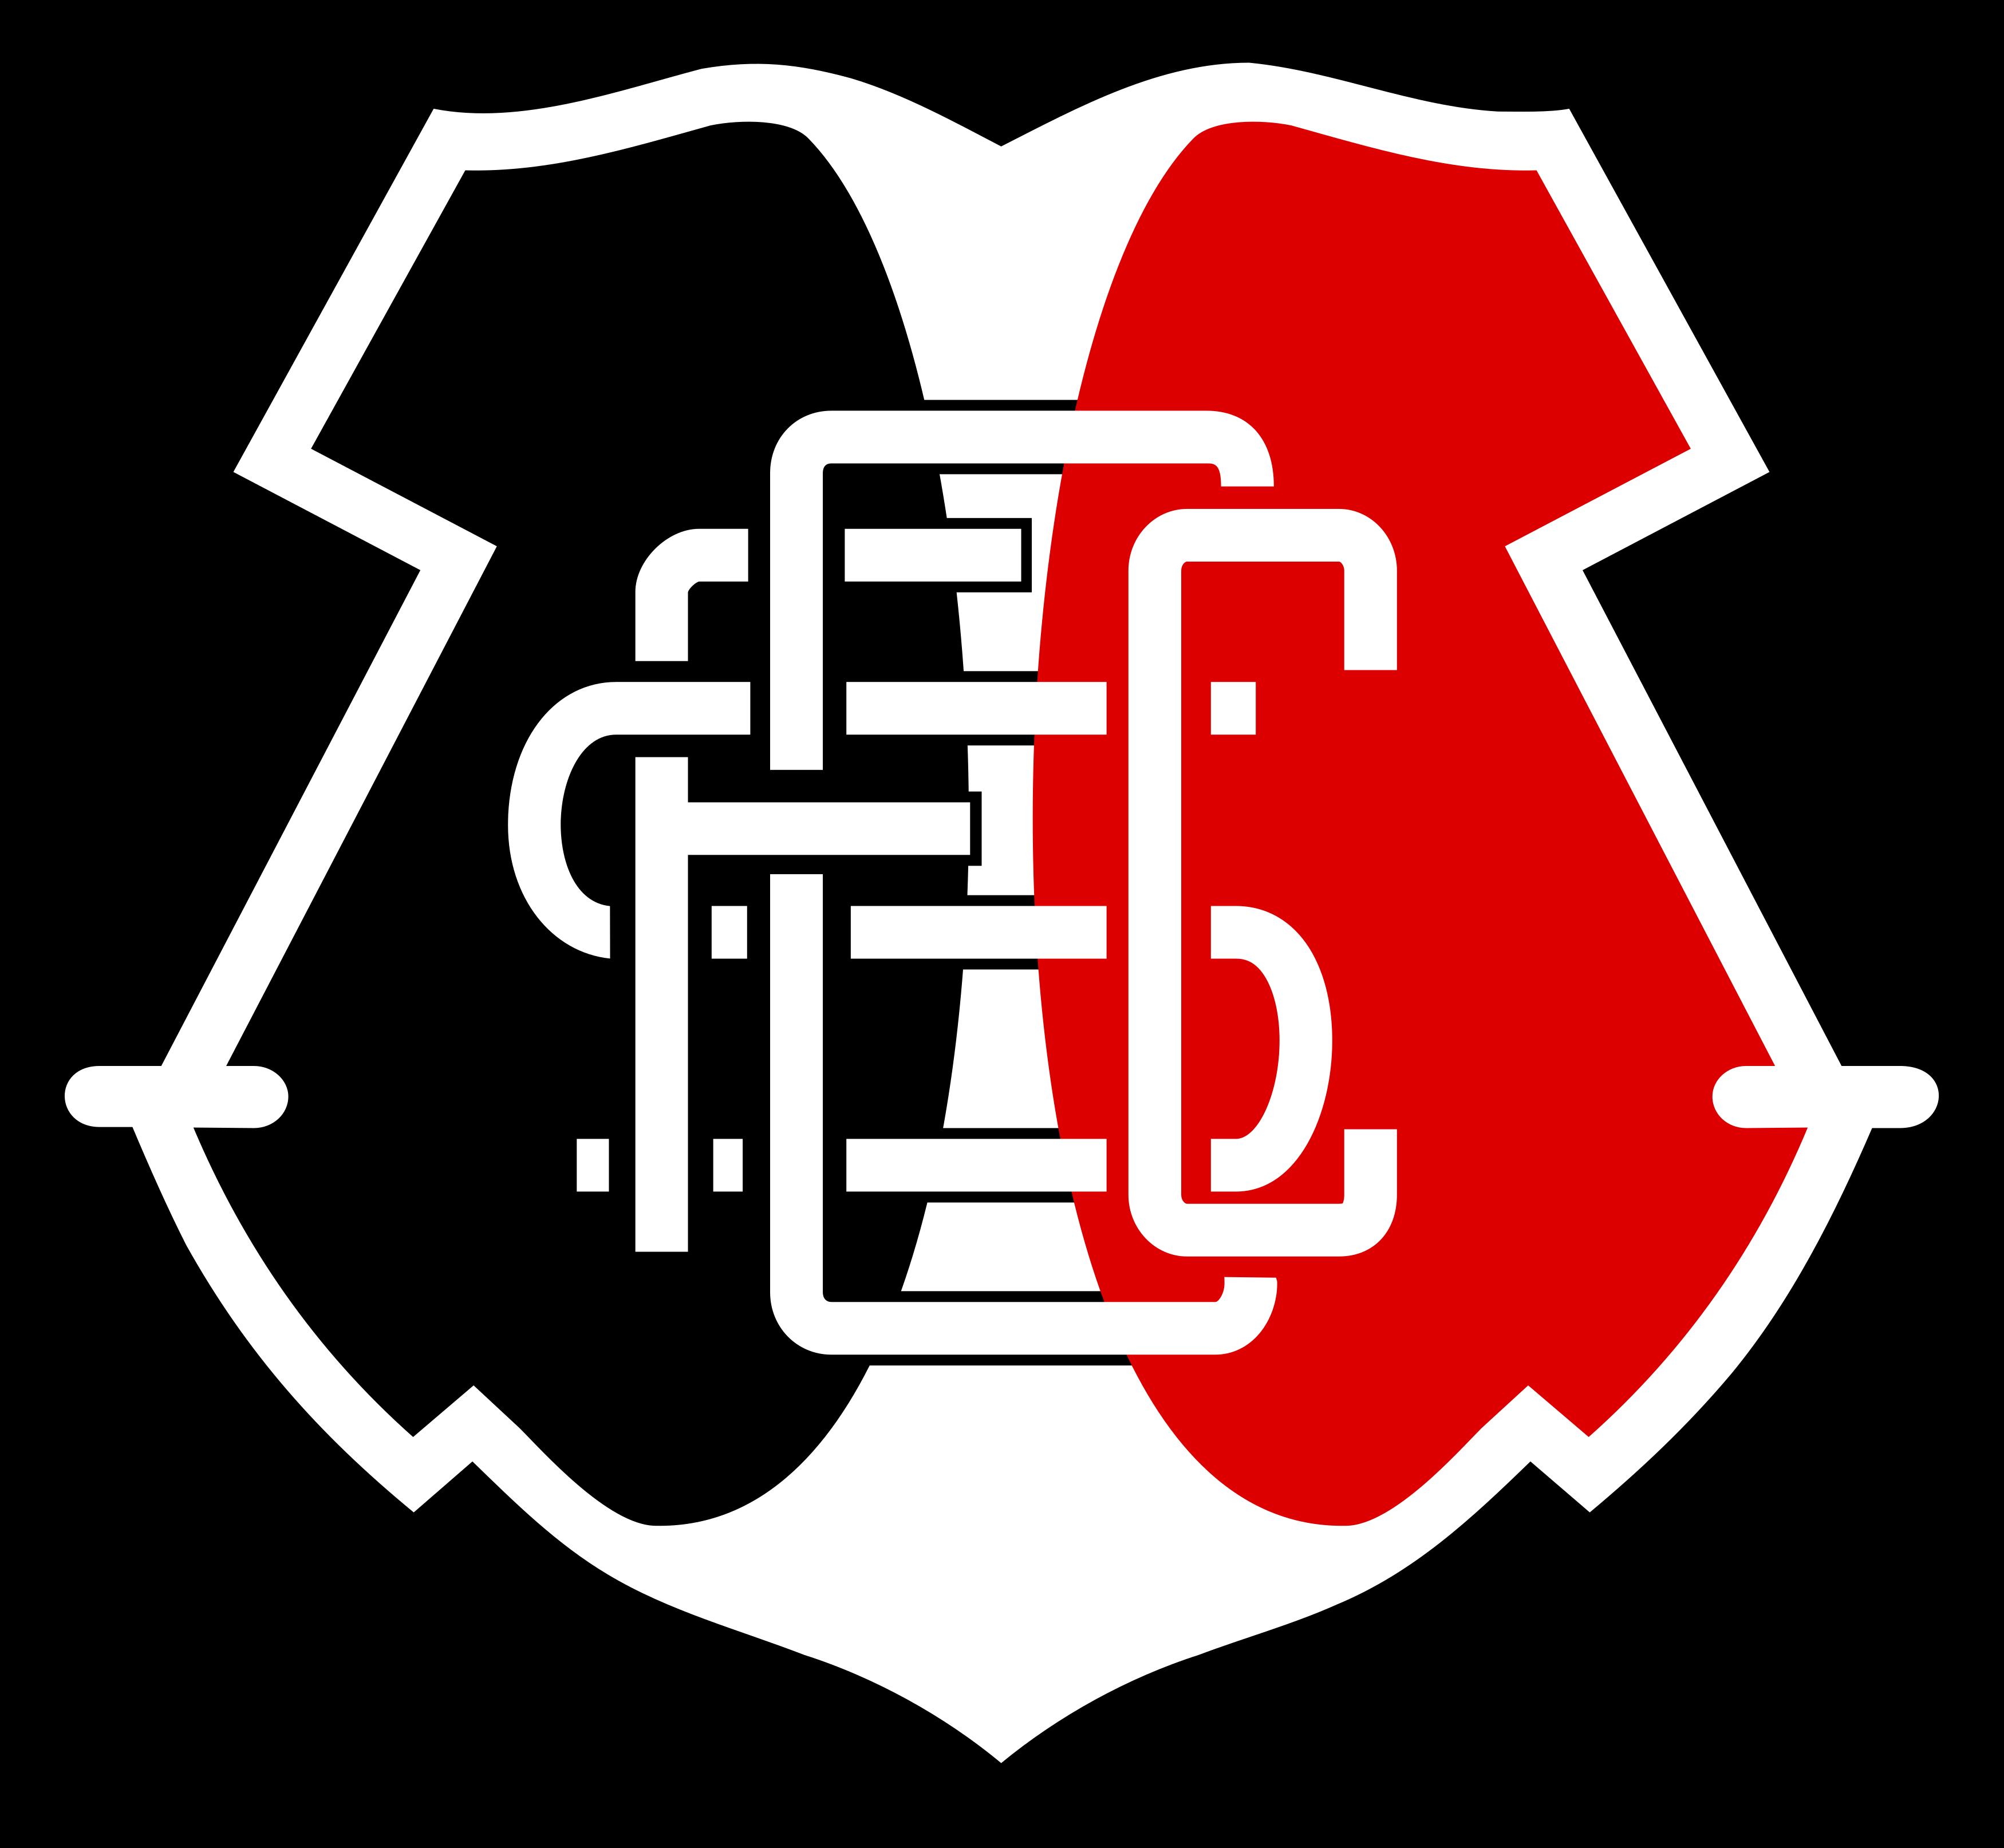 Santa Cruz FC Logo, Escudo.